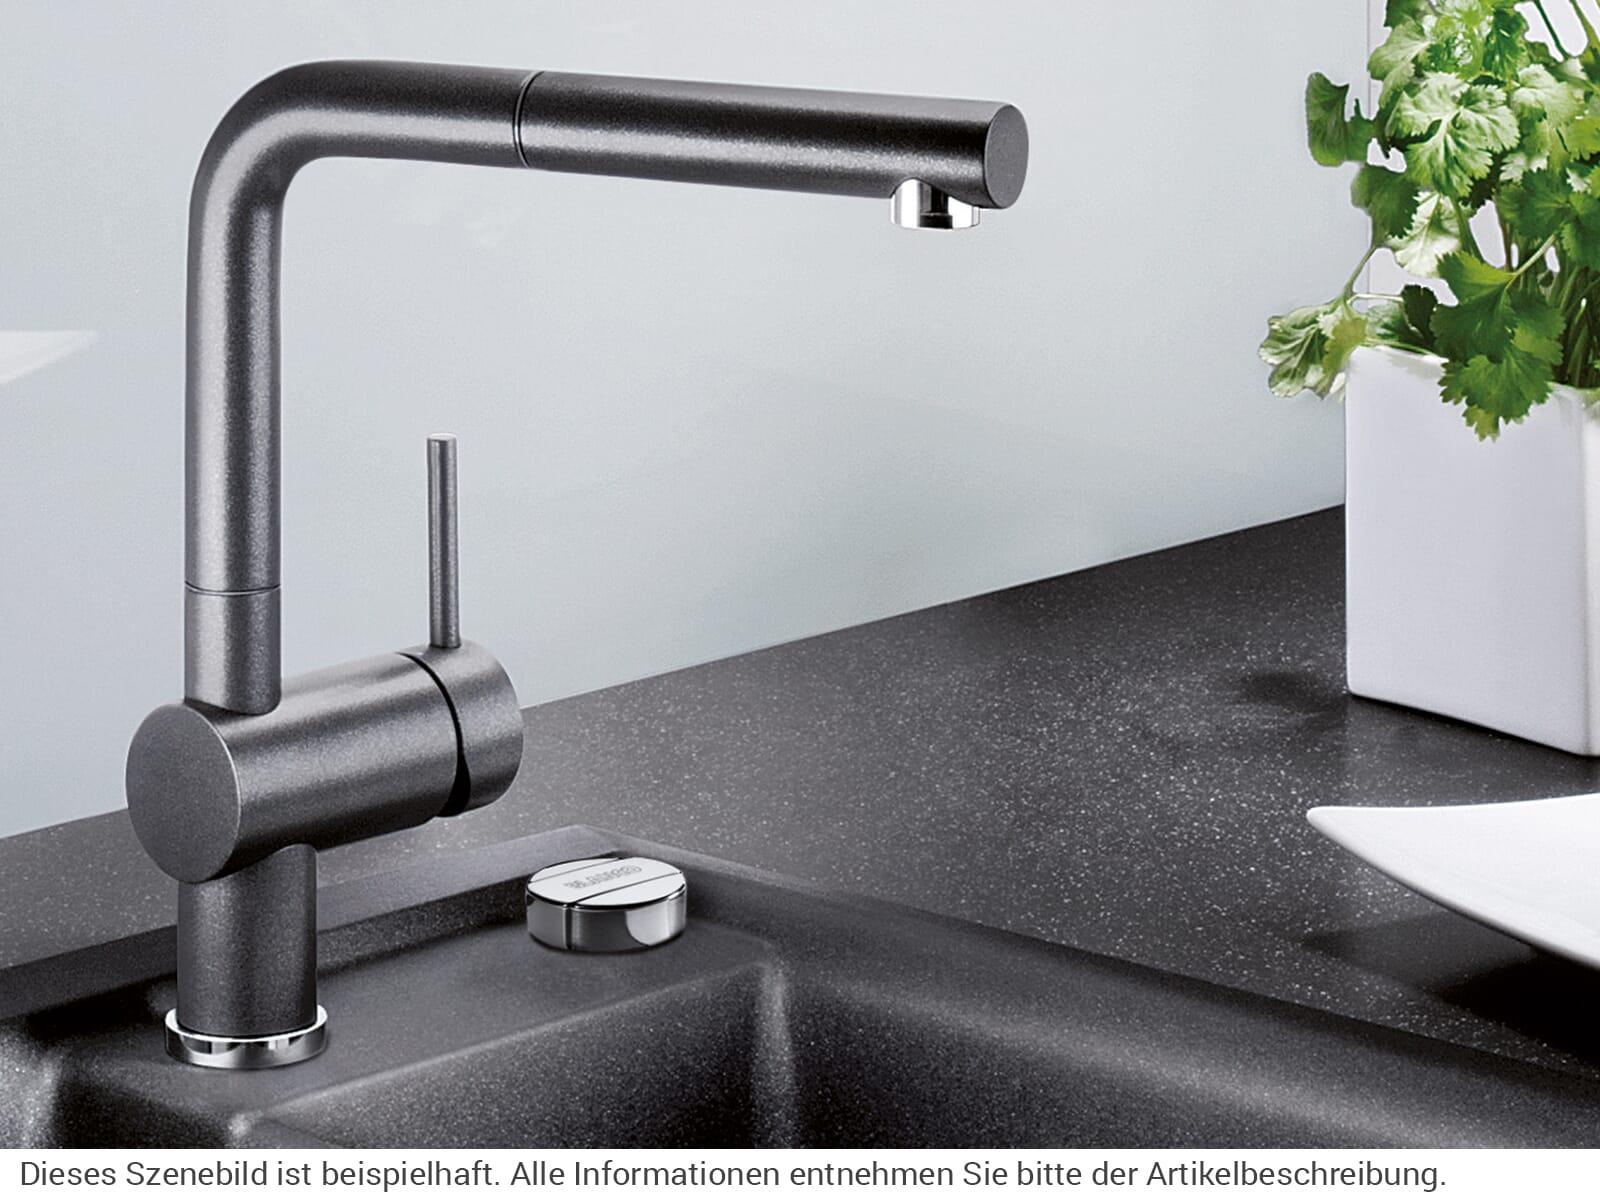 blanco kuchenarmaturen ersatzteile interior design und m bel ideen. Black Bedroom Furniture Sets. Home Design Ideas